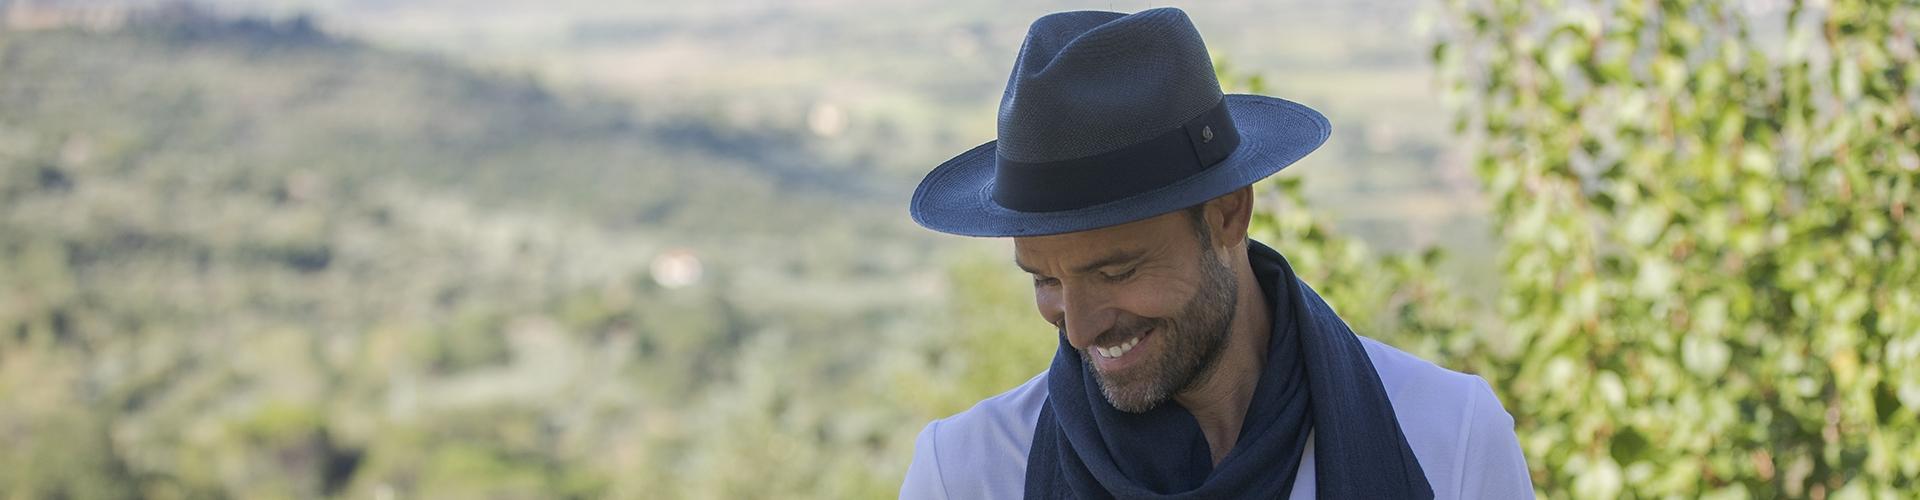 30bc3a95655a0 Men s Hats   Caps